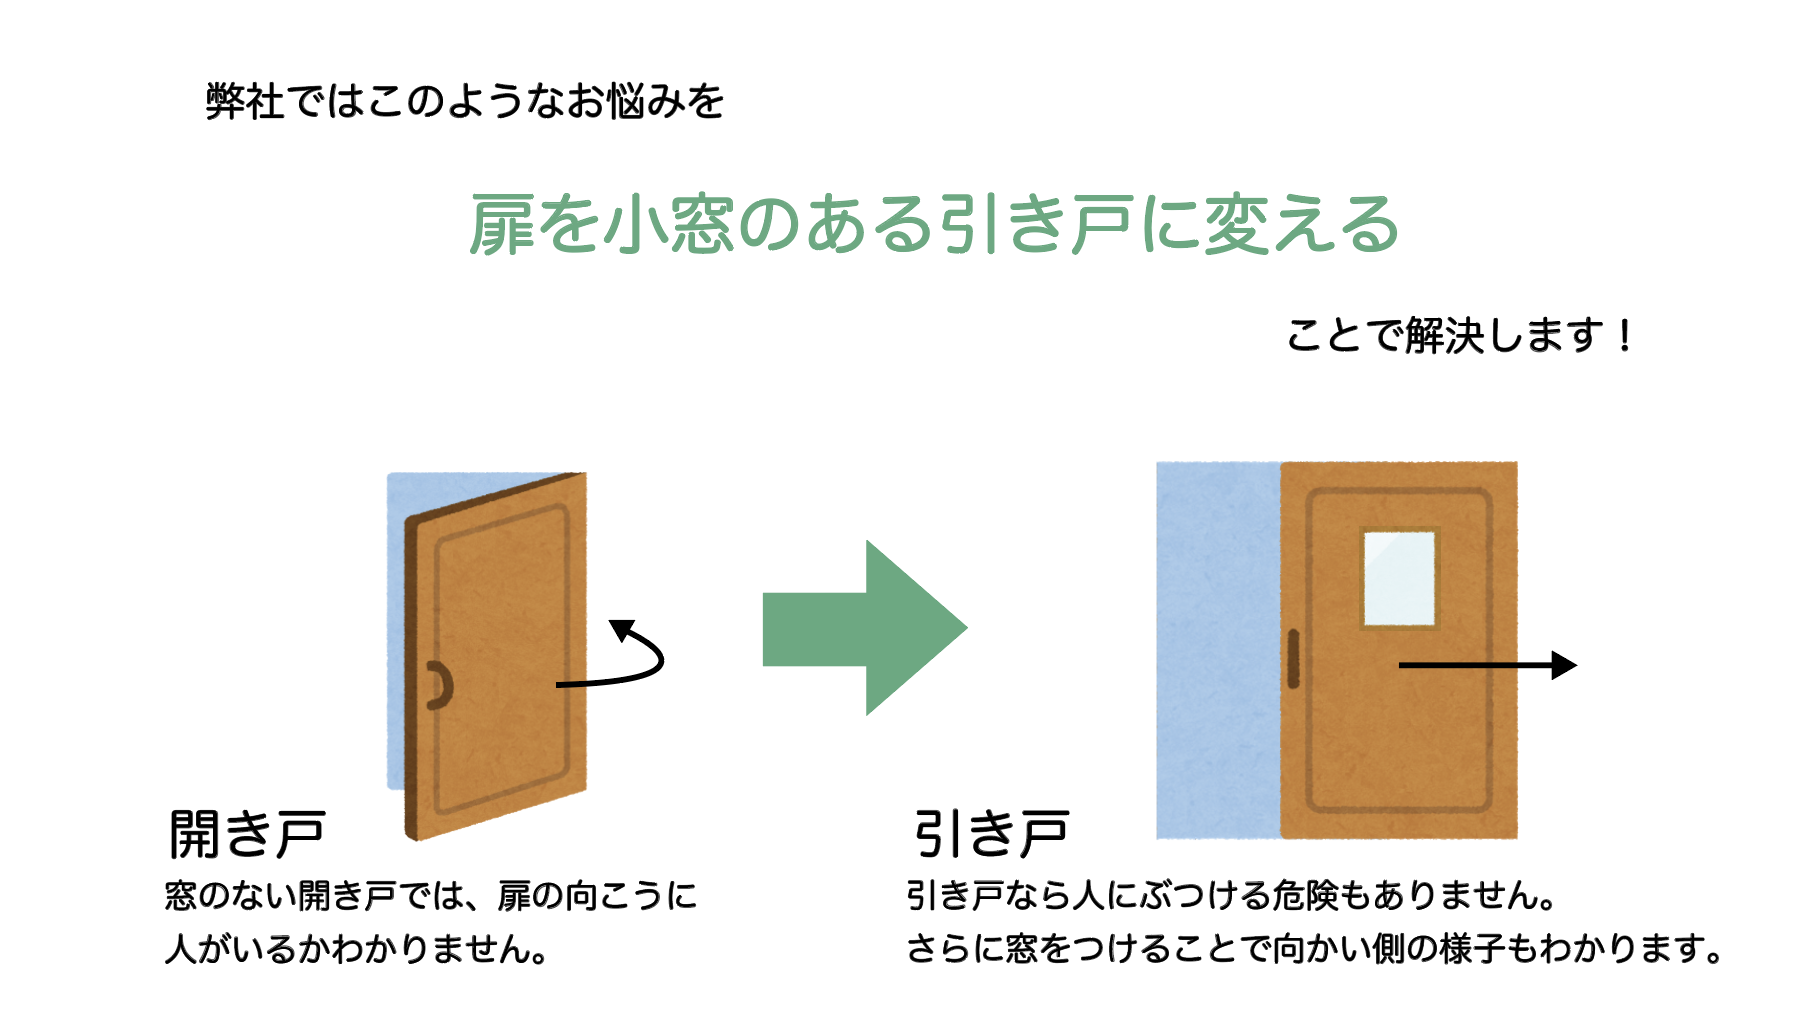 弊社ではそのようなお悩みを小窓のある引き戸に変えることで解決します!開き戸と引き戸の説明